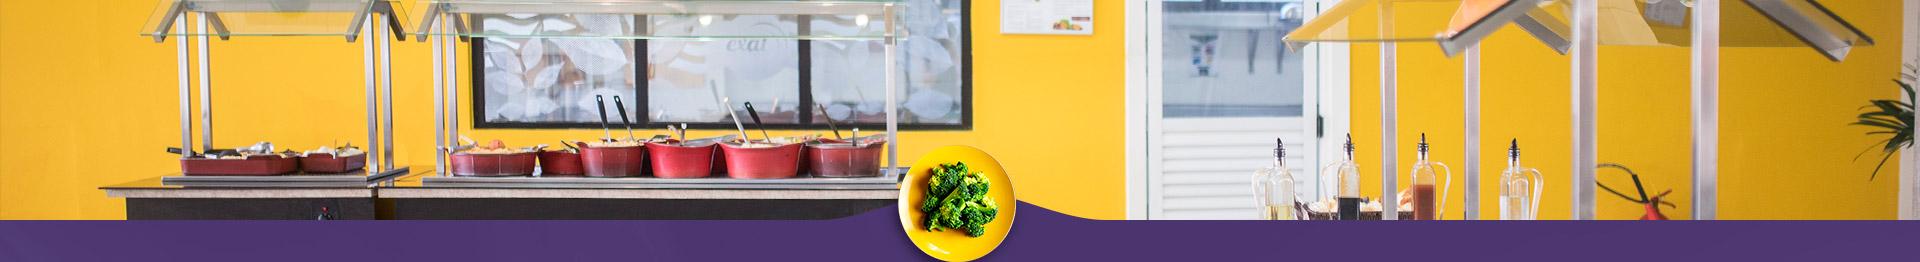 3 cuidados na gestão de um restaurante interno e como isso pode mudar seu negócio